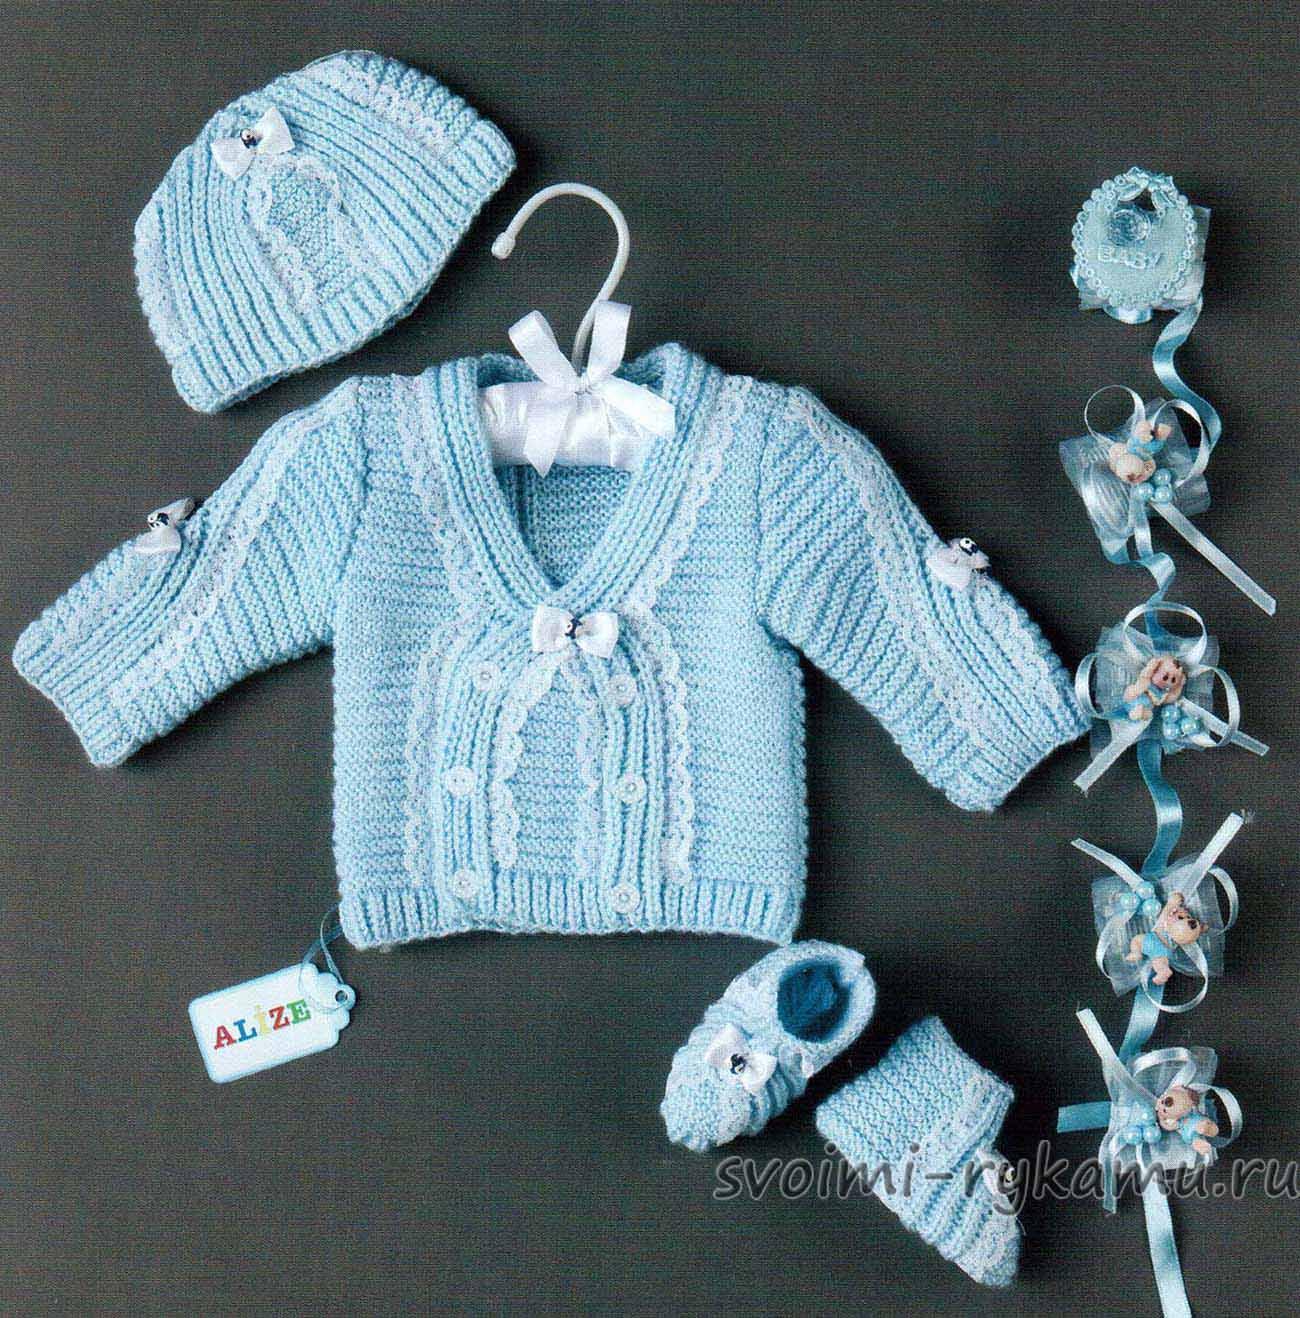 Вязание для новорожденных для мальчиков просто6